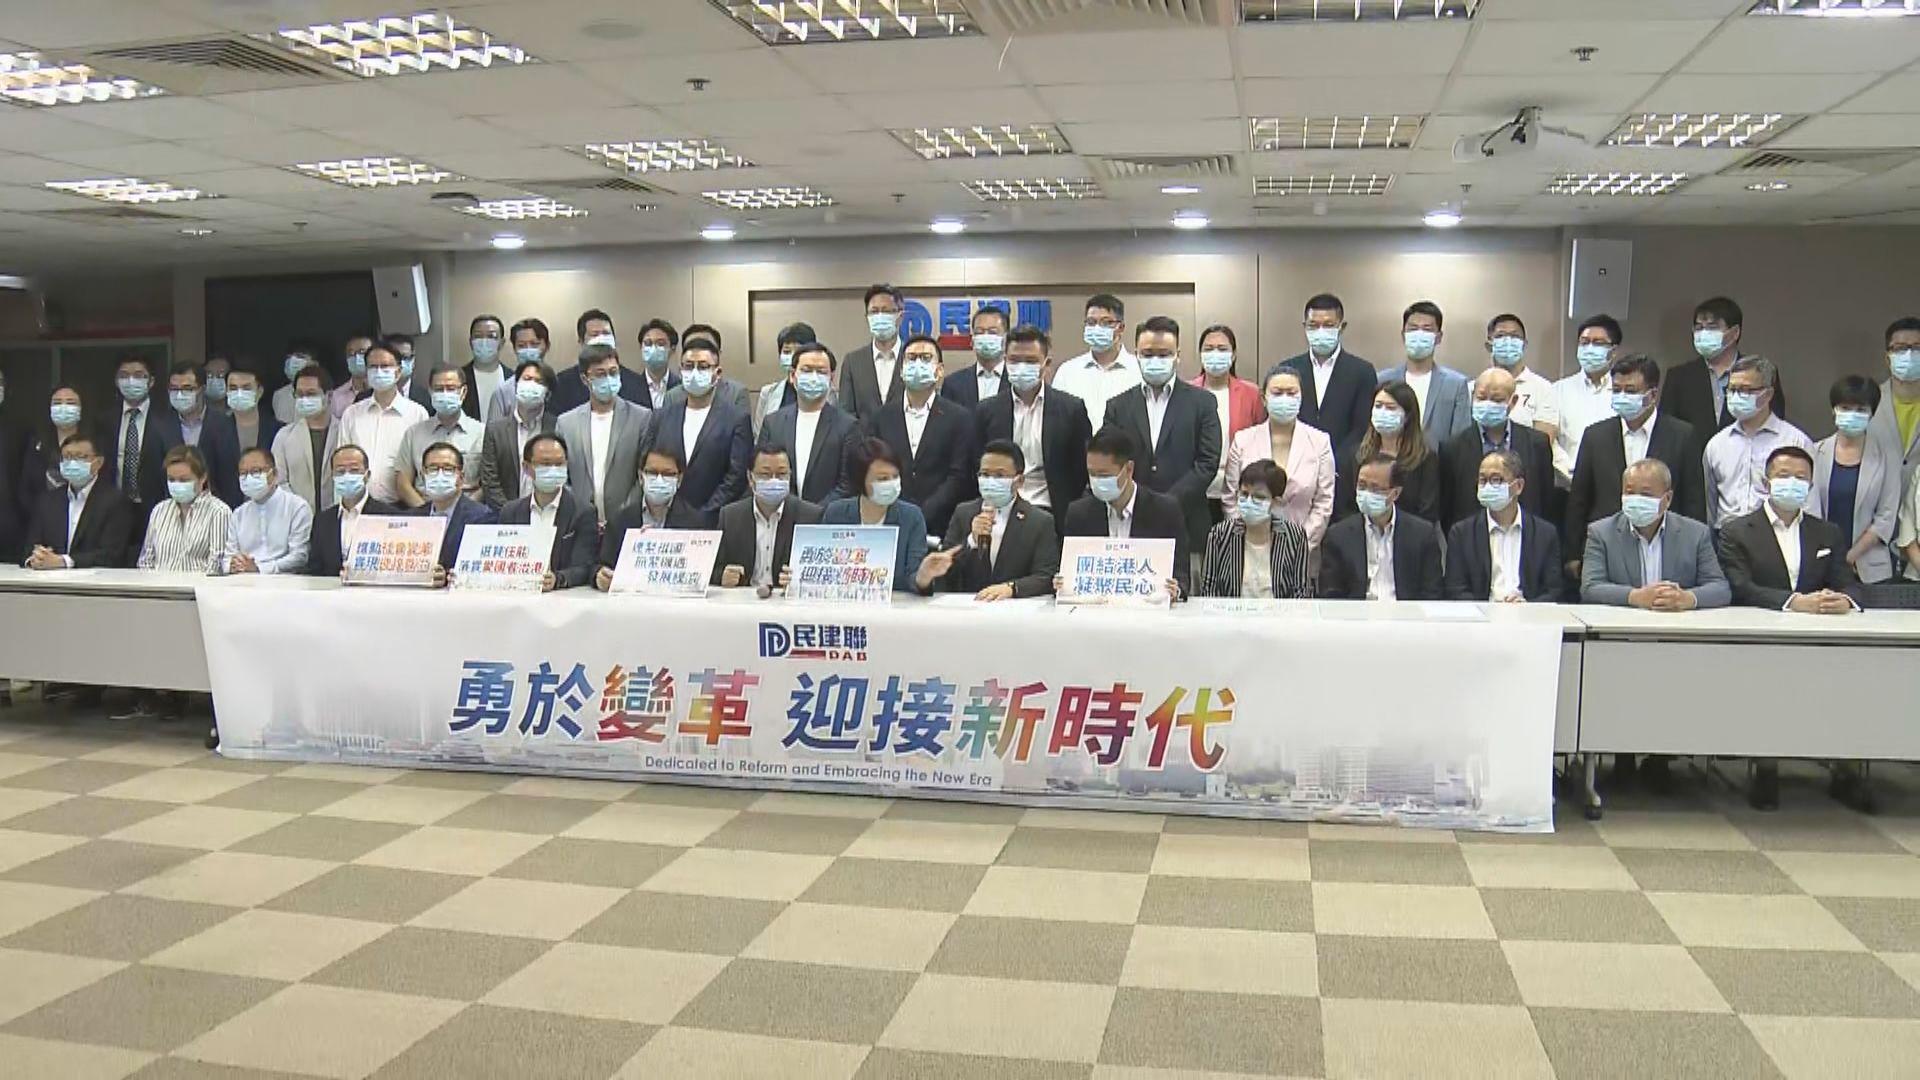 【選委會選舉】民建聯選委逾150席是建制之最